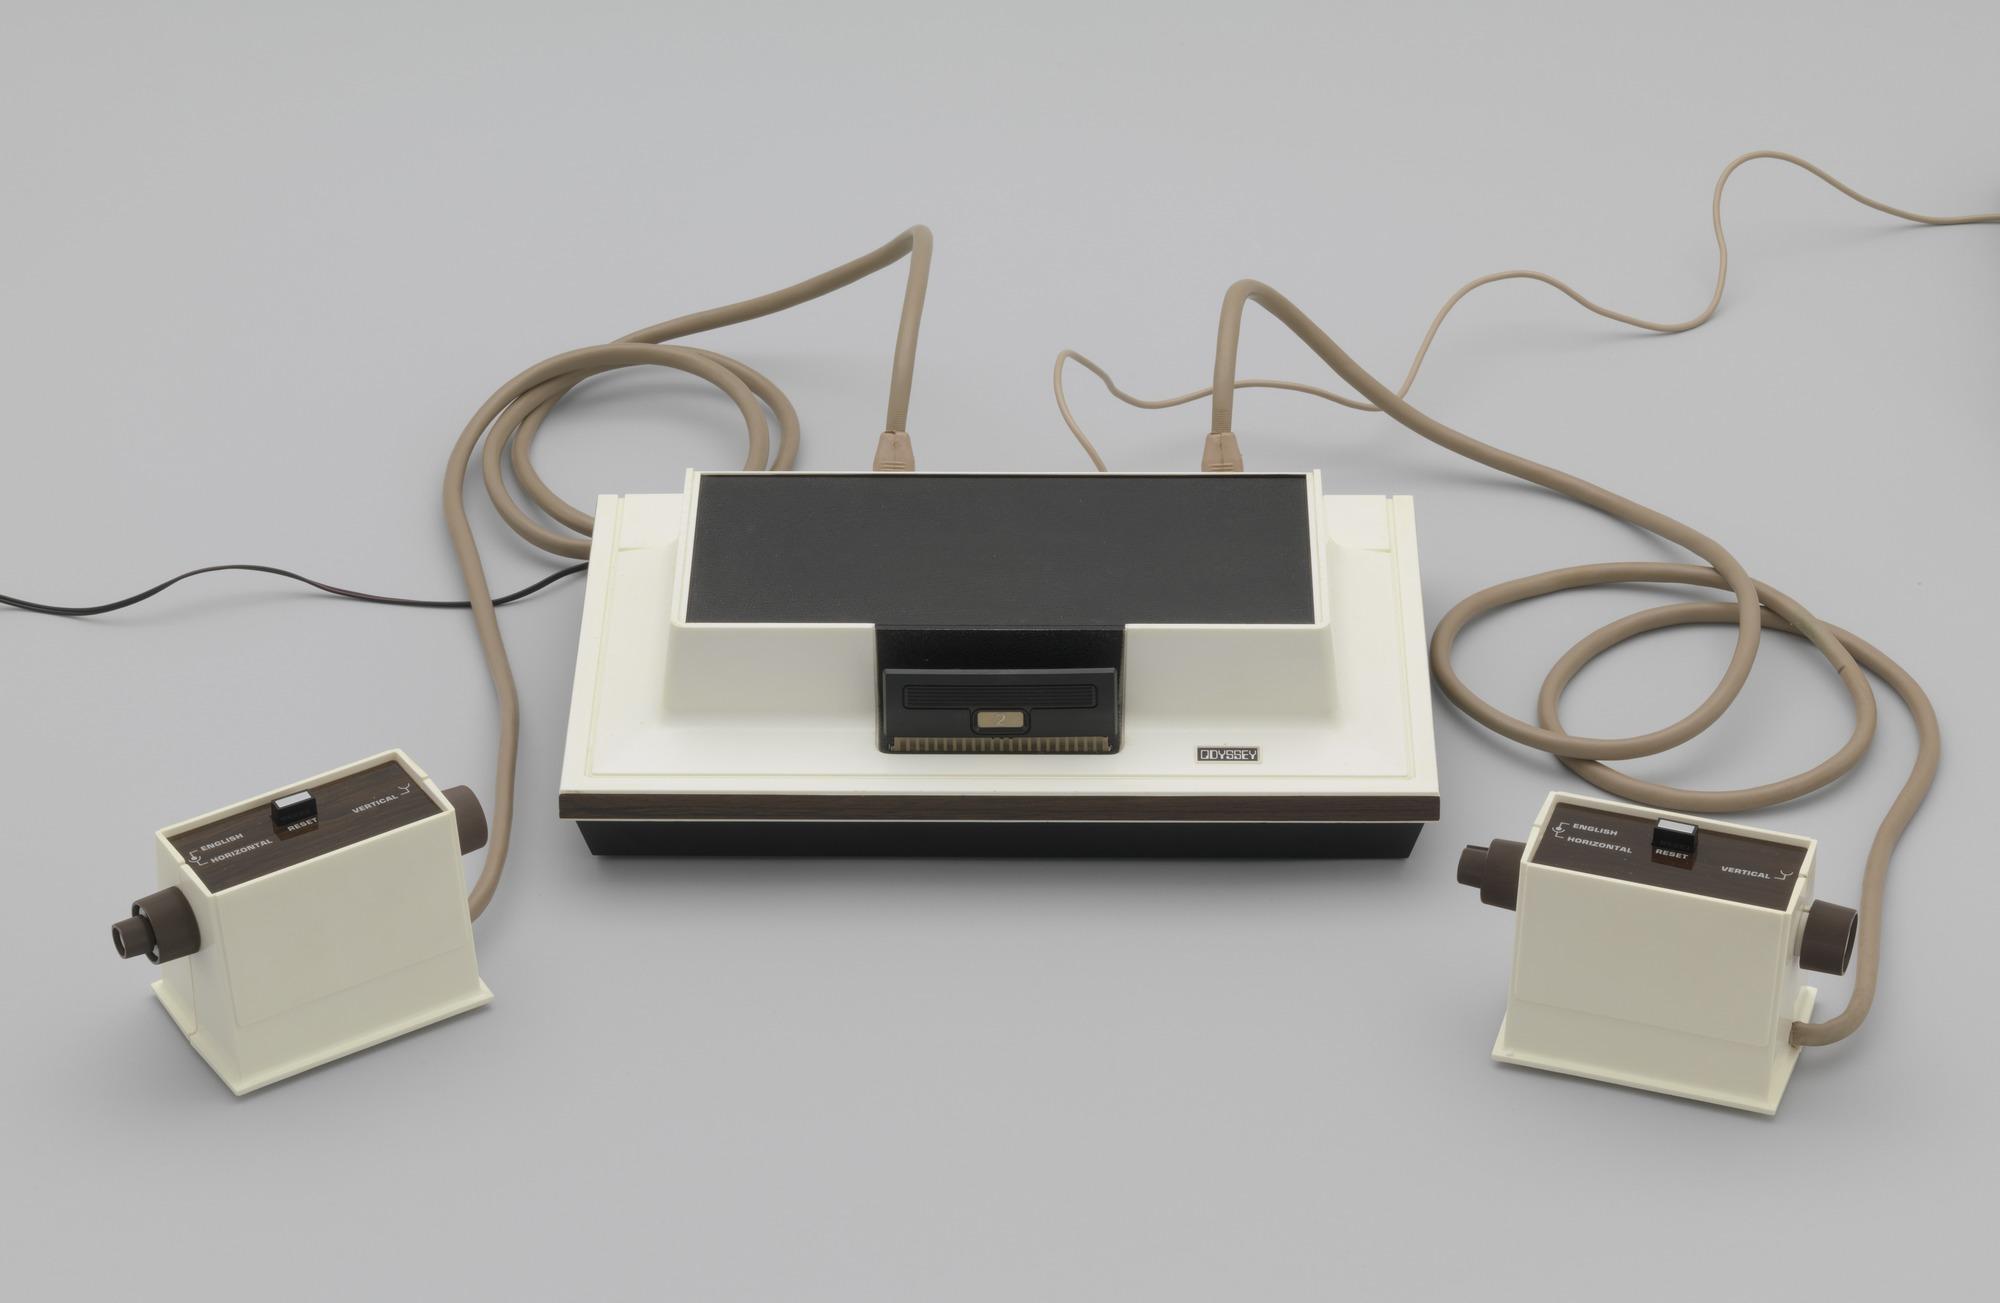 ¿Sabías que la primera consola fue Magnavox Odyssey?